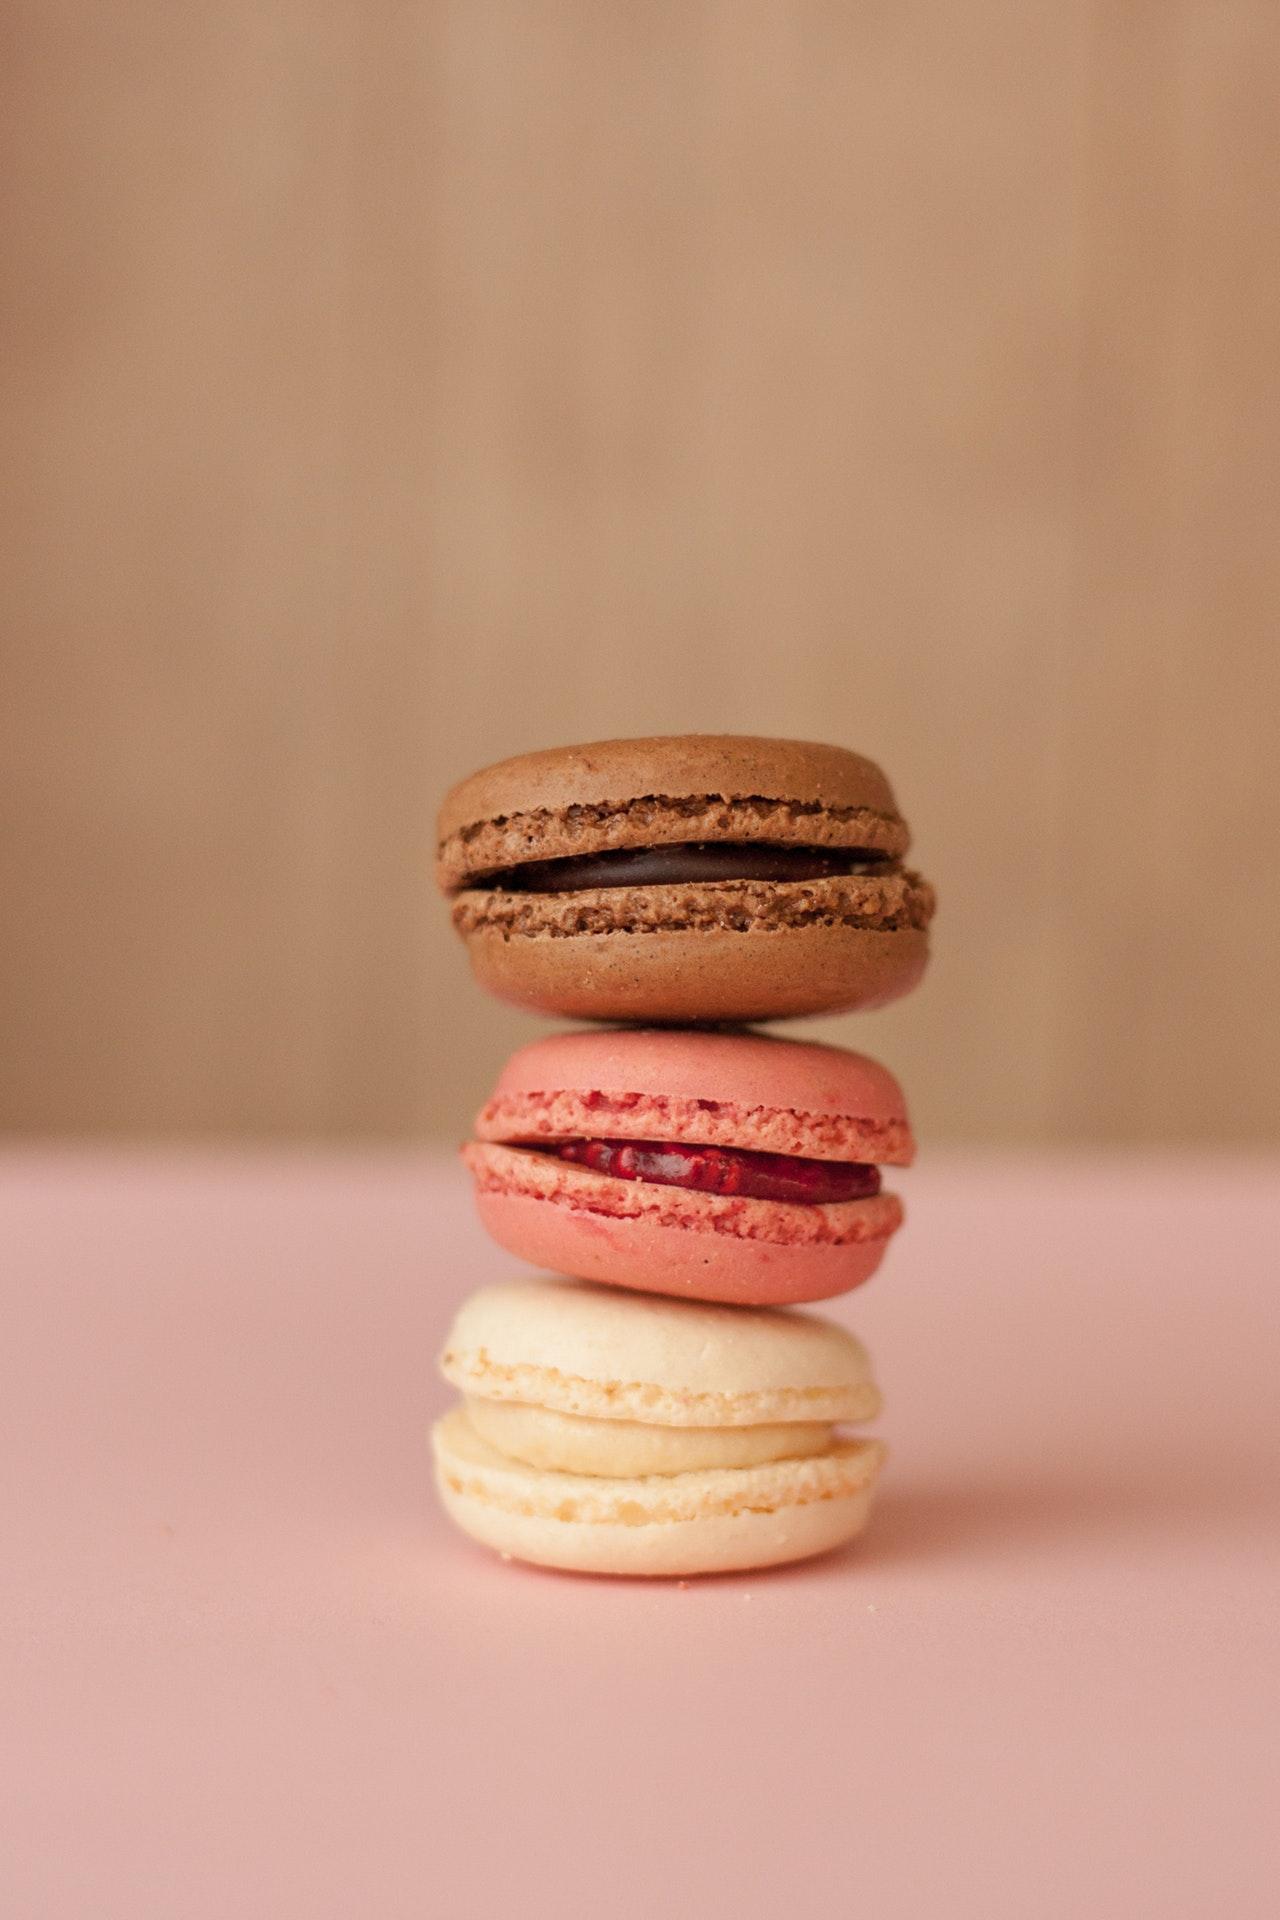 food-dessert-sweet-color